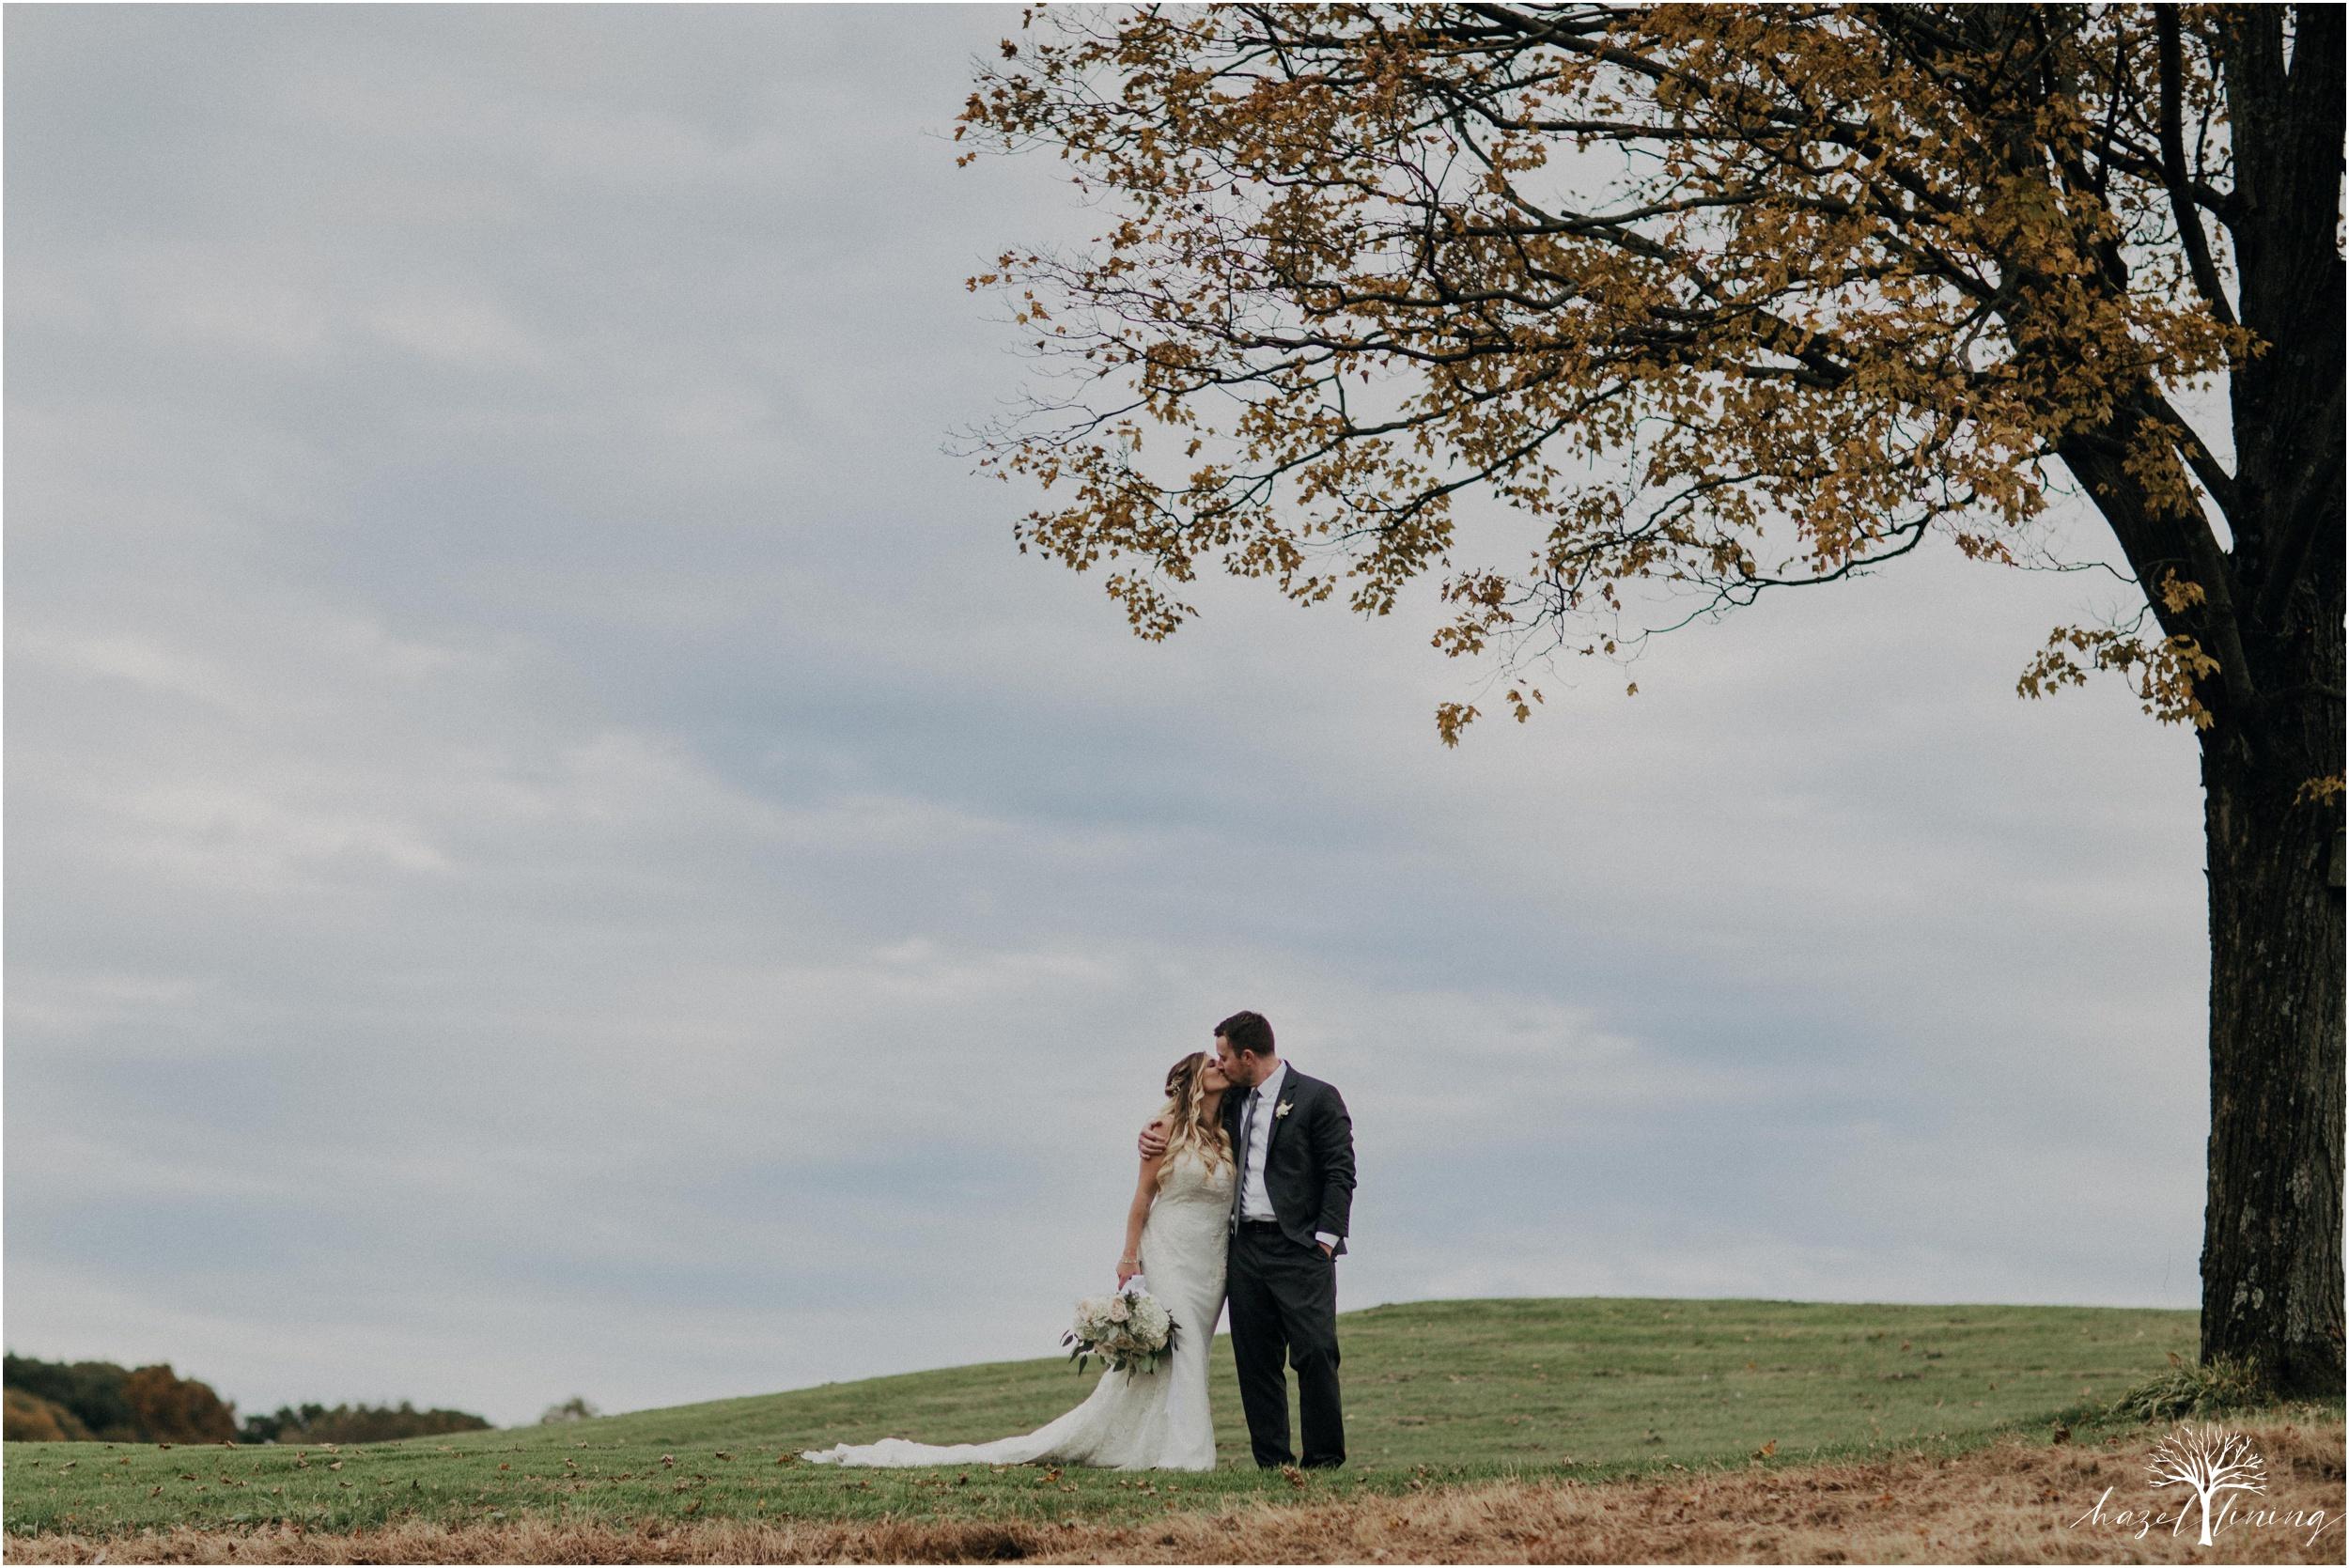 jessie-martin-zach-umlauf-olde-homestead-golfclub-outdoor-autumn-wedding_0131.jpg